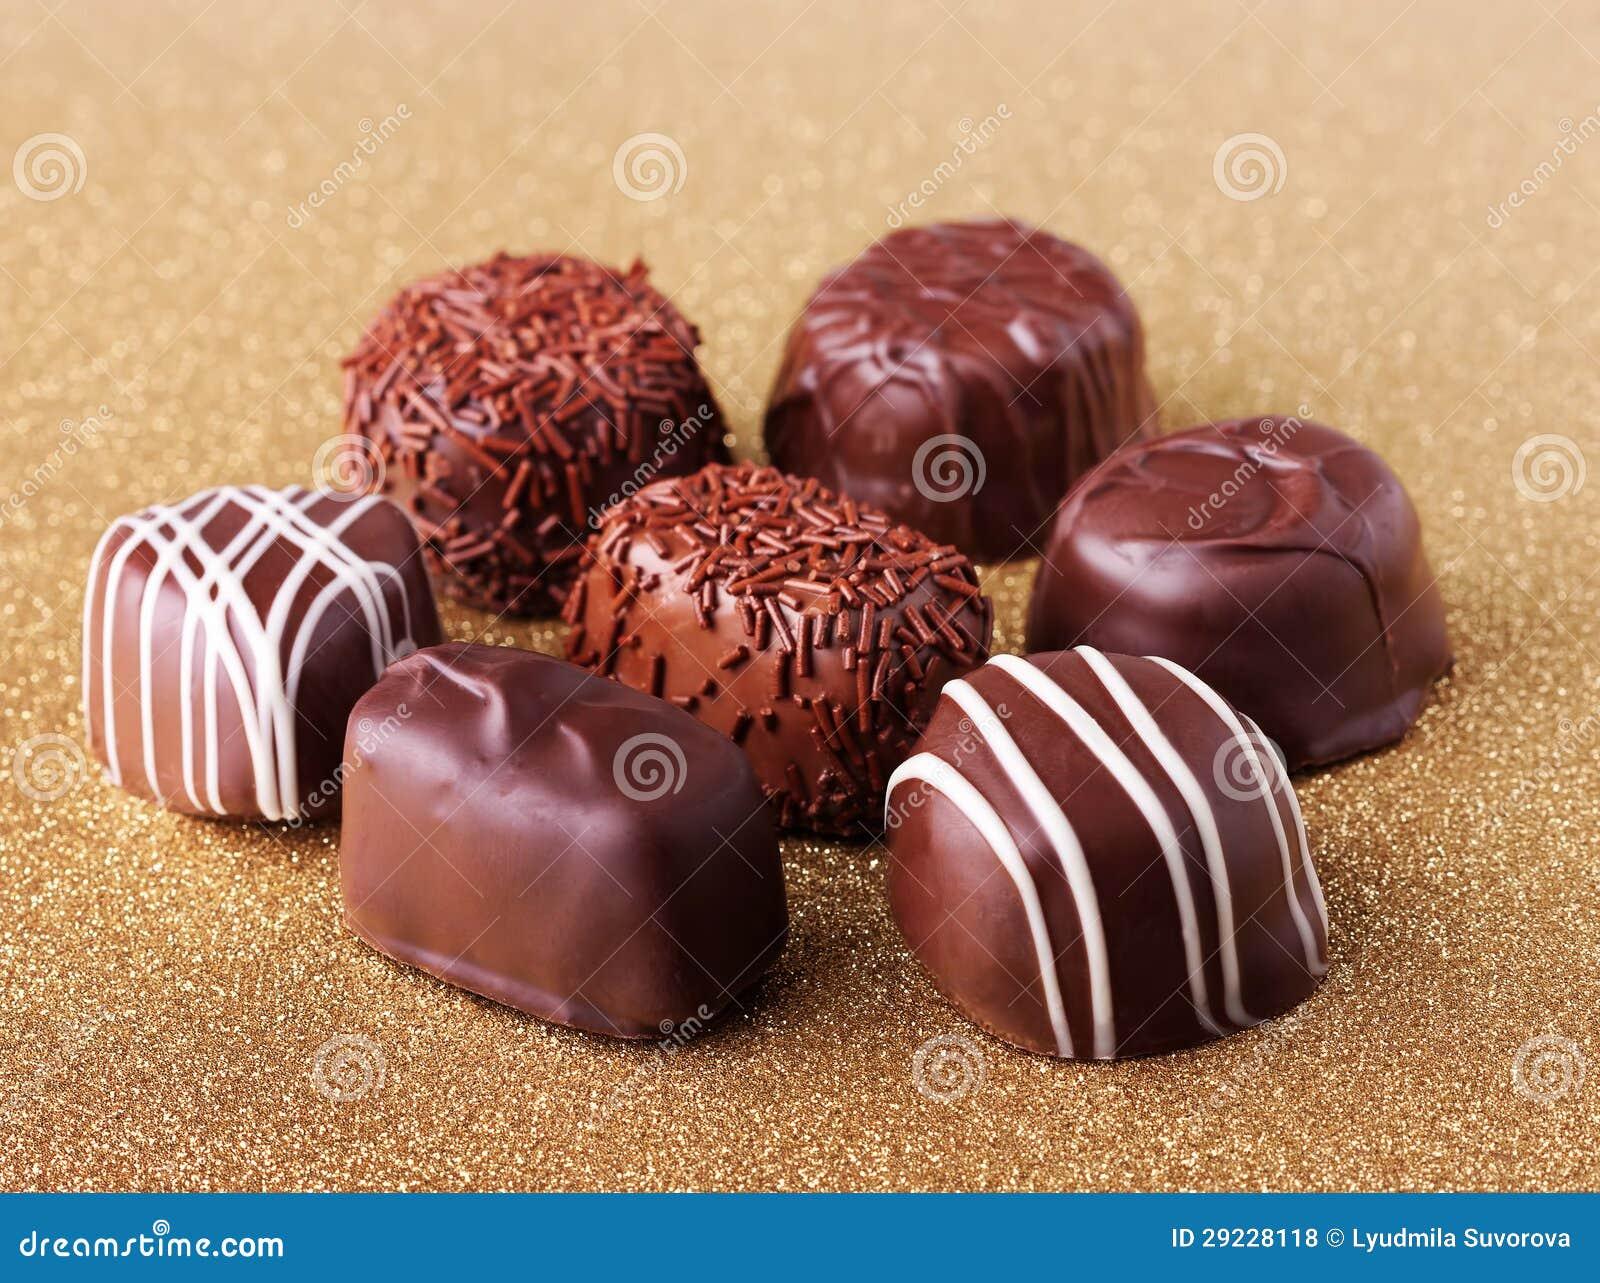 Download Chocolate Assorted foto de stock. Imagem de dourado, macro - 29228118